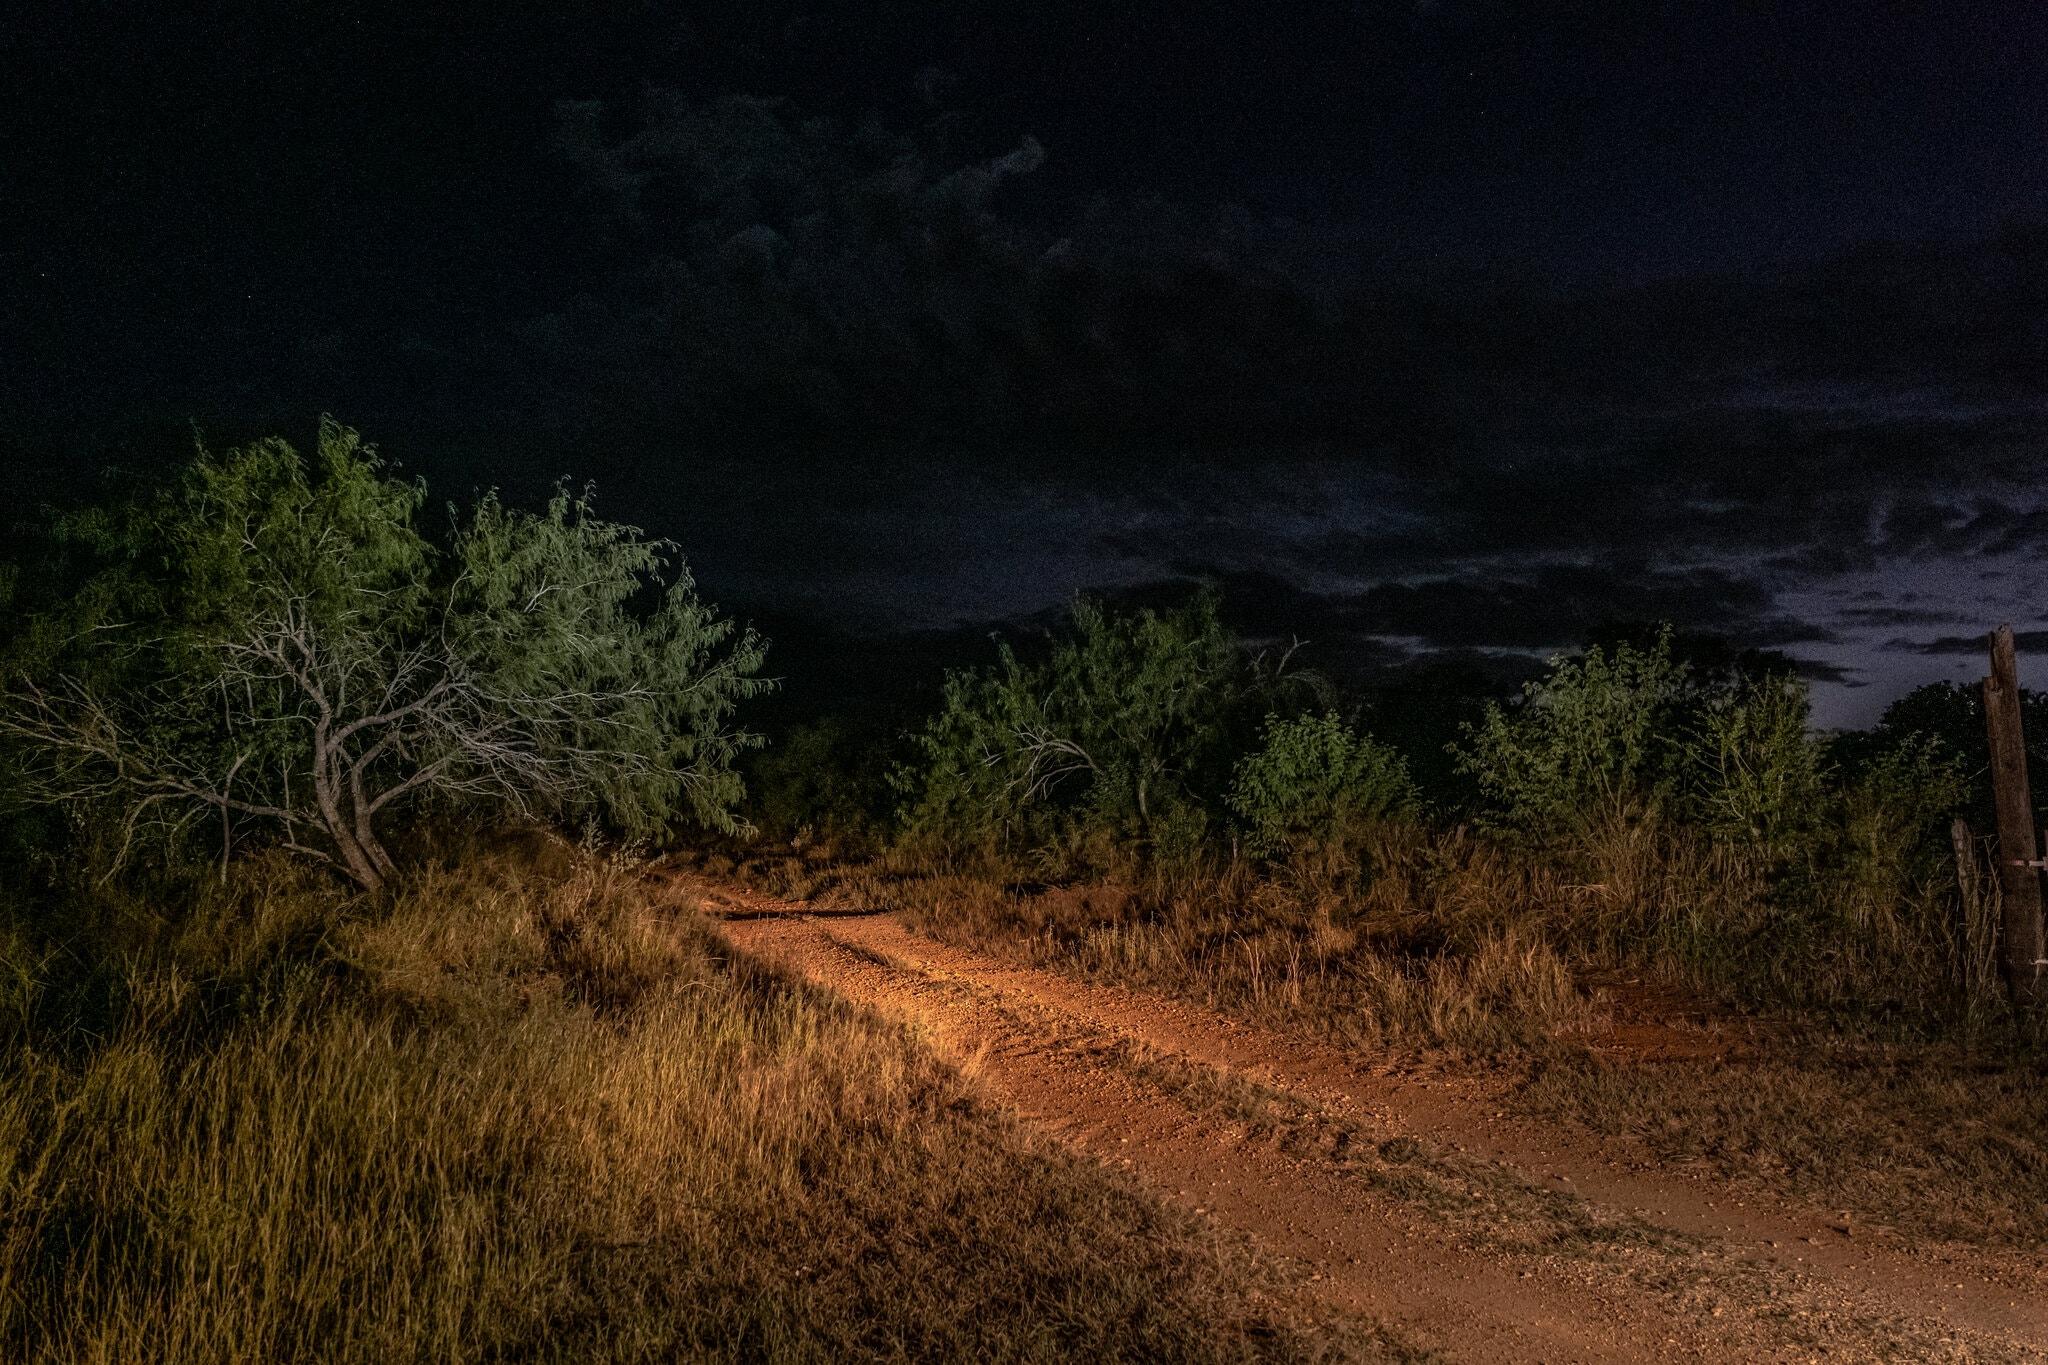 Шокирующая история: Мириам Родригес нашла десятерых убийц своей дочери и посадила их в тюрьму - фото №2